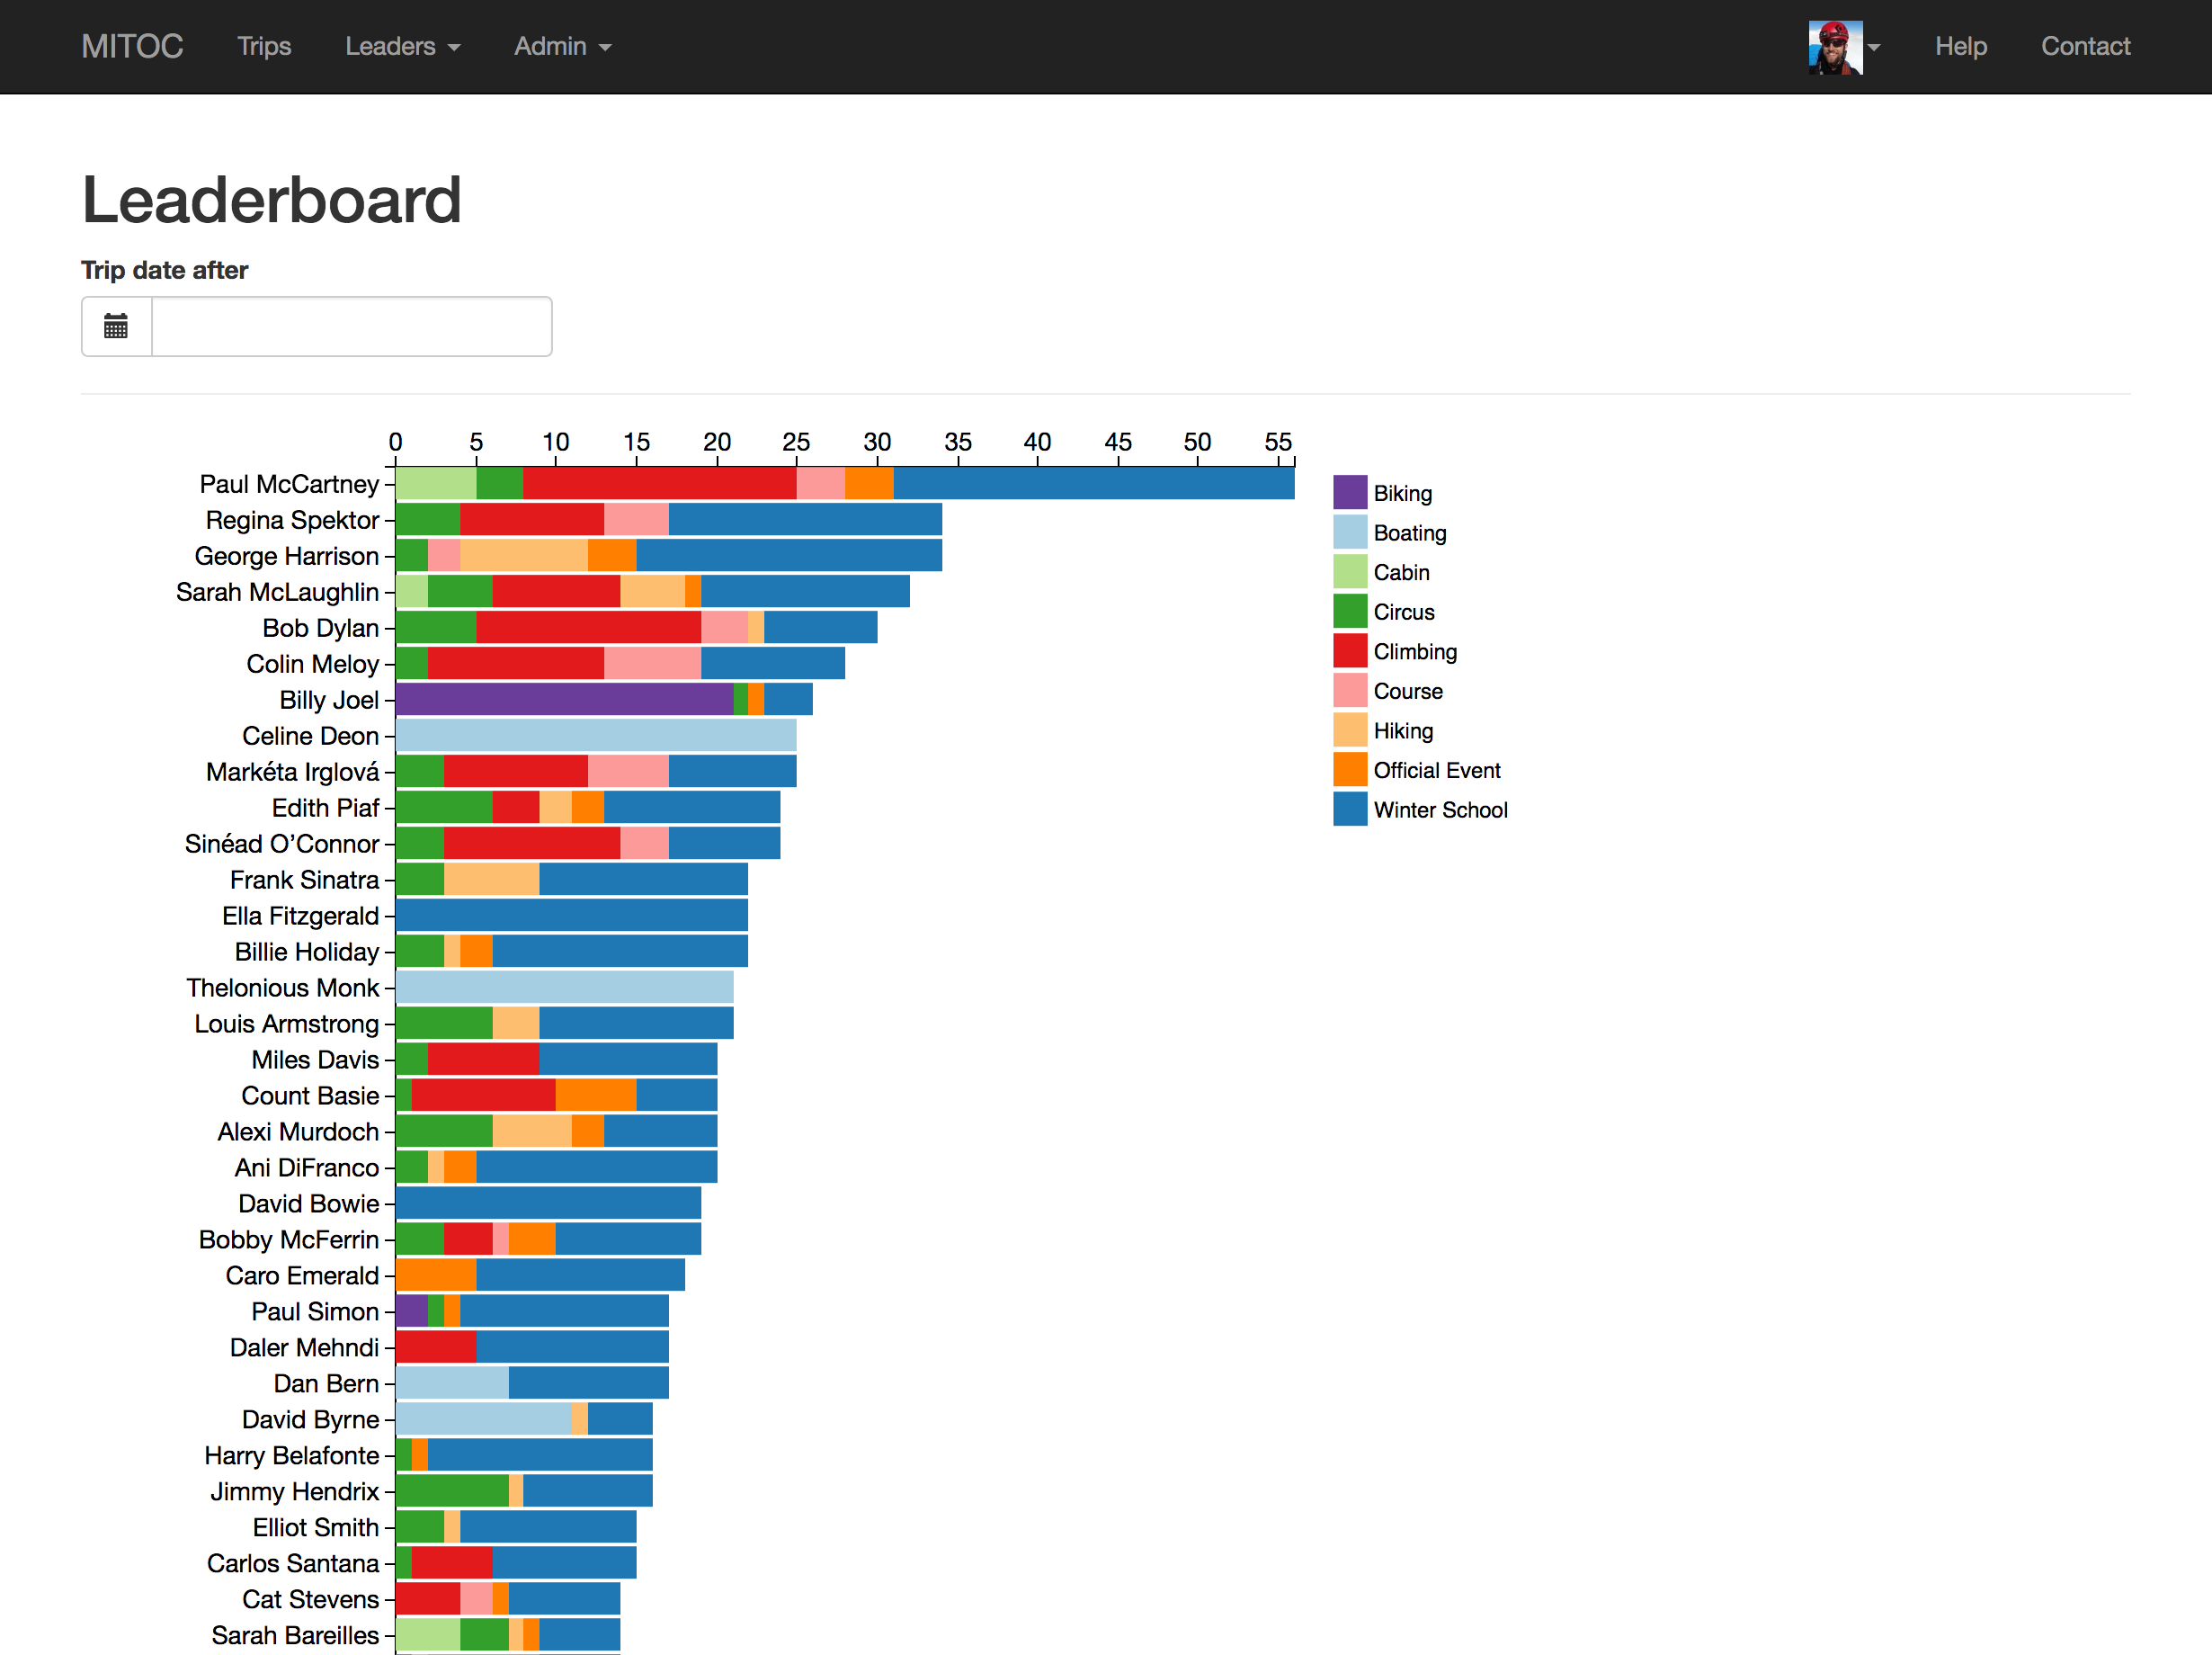 Interactive D3-based widget showing active leaders